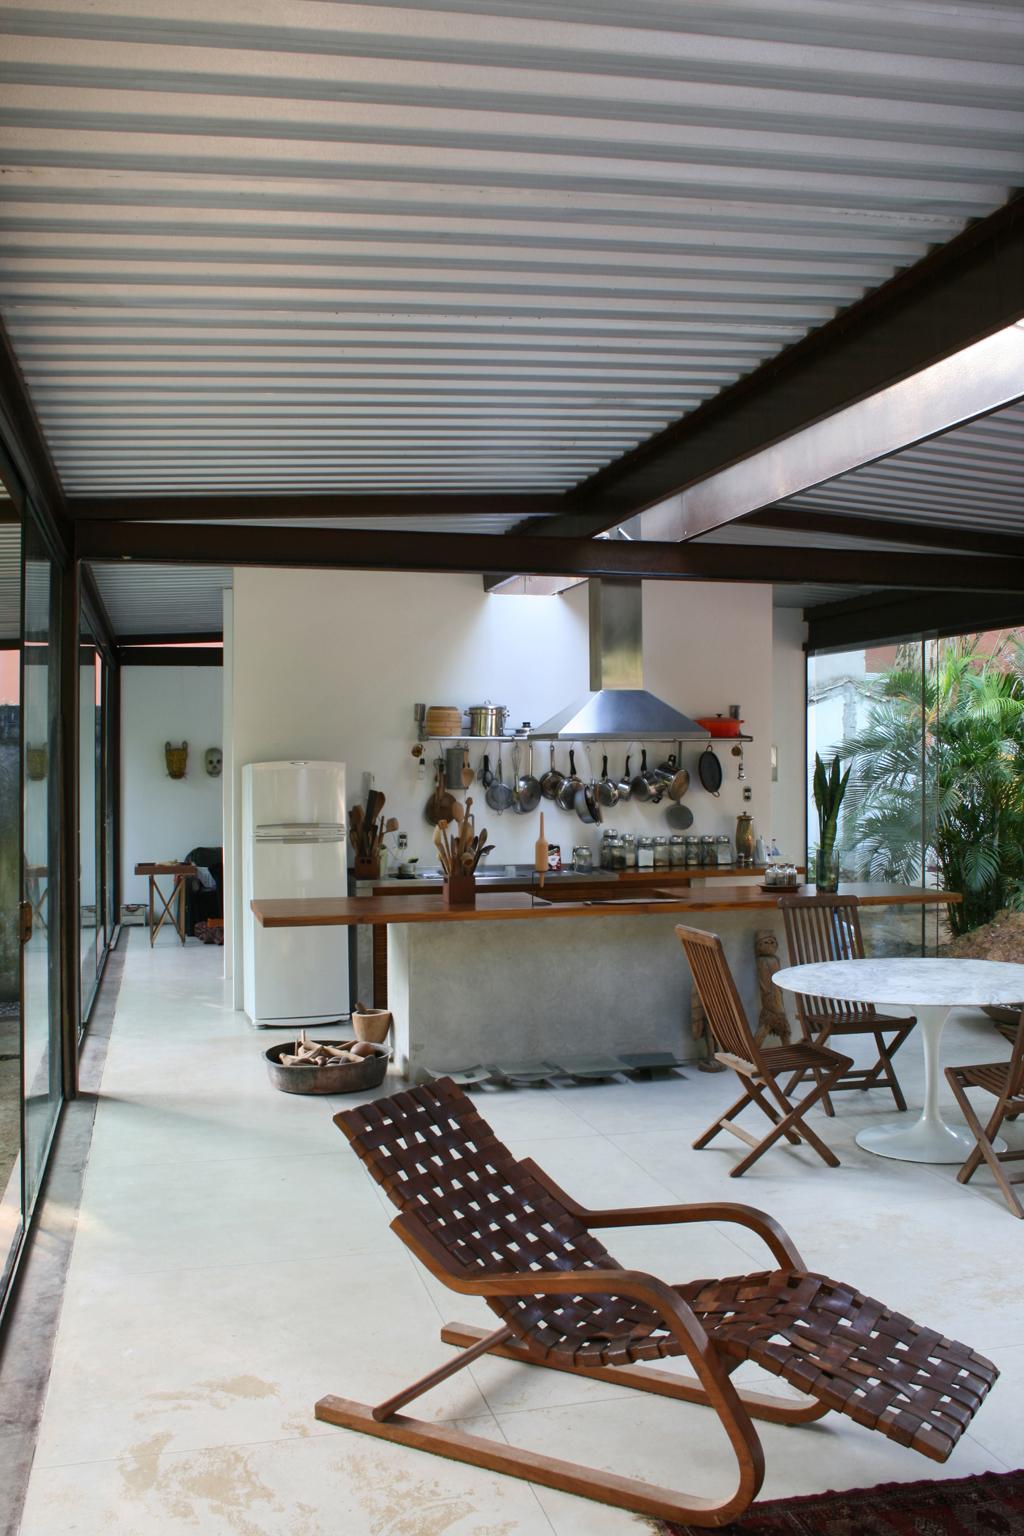 vista interna cozinha e sala de estar mdc . revista de arquitetura e  #64432D 1024 1536